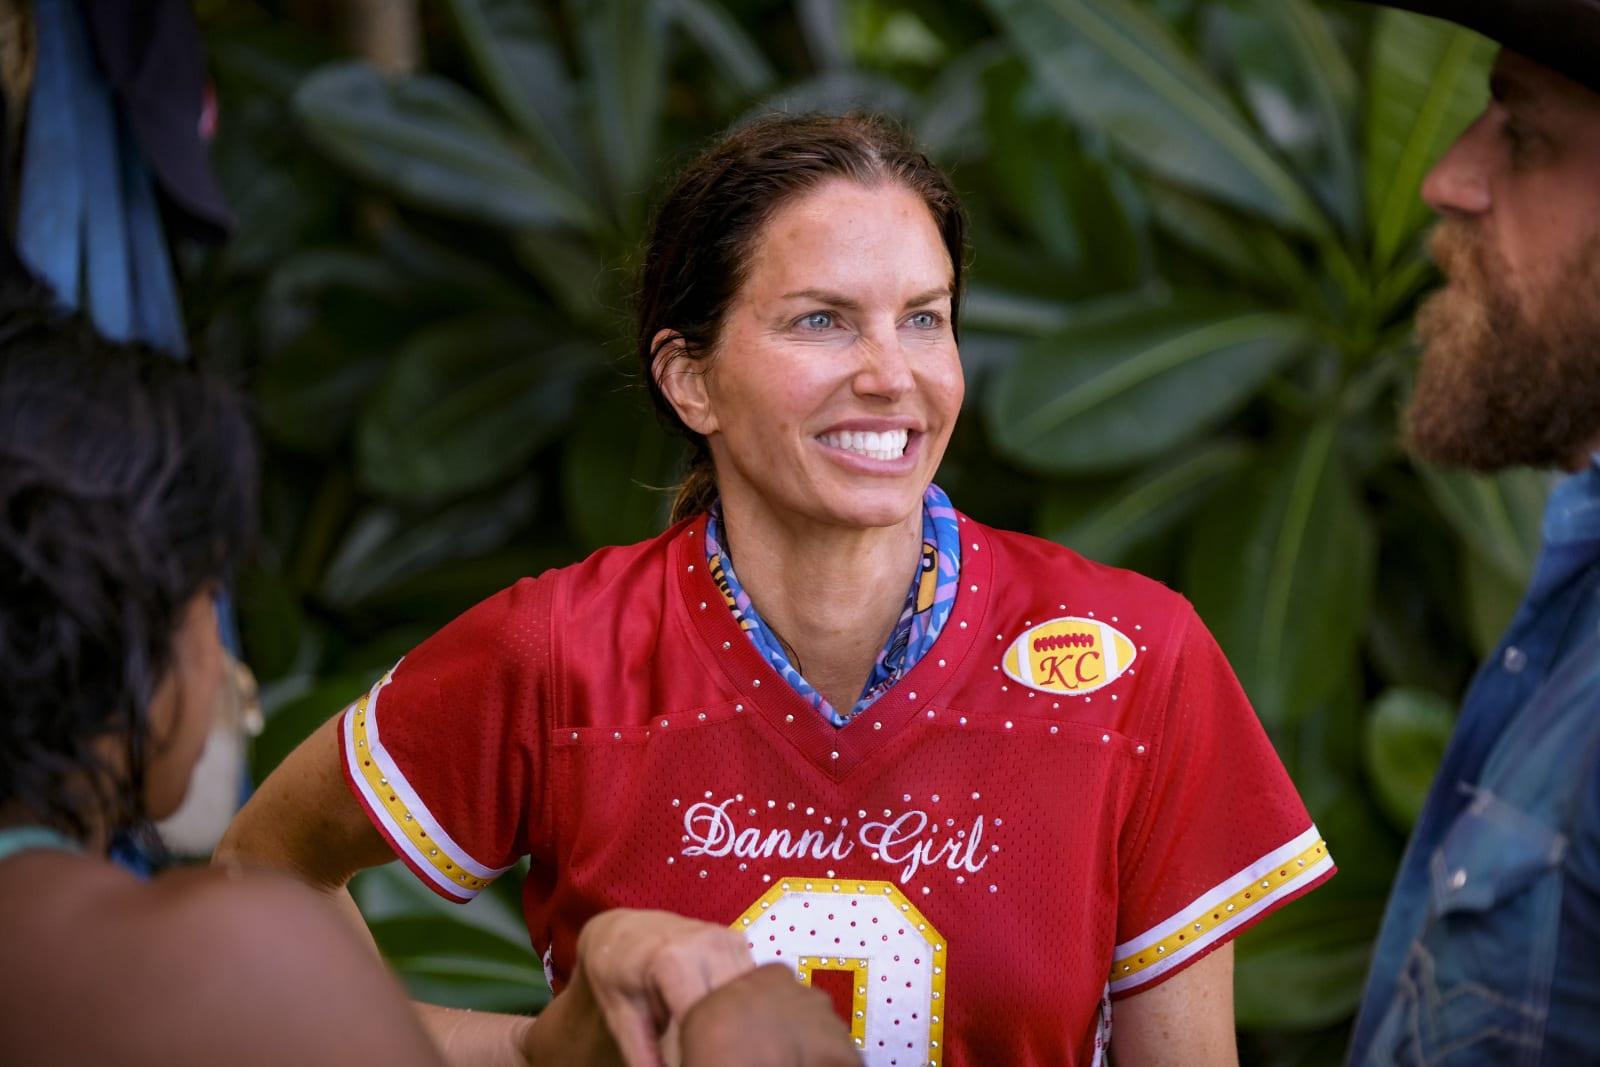 Danni Boatwright Danni Girl Survivor Winners at War episode 1